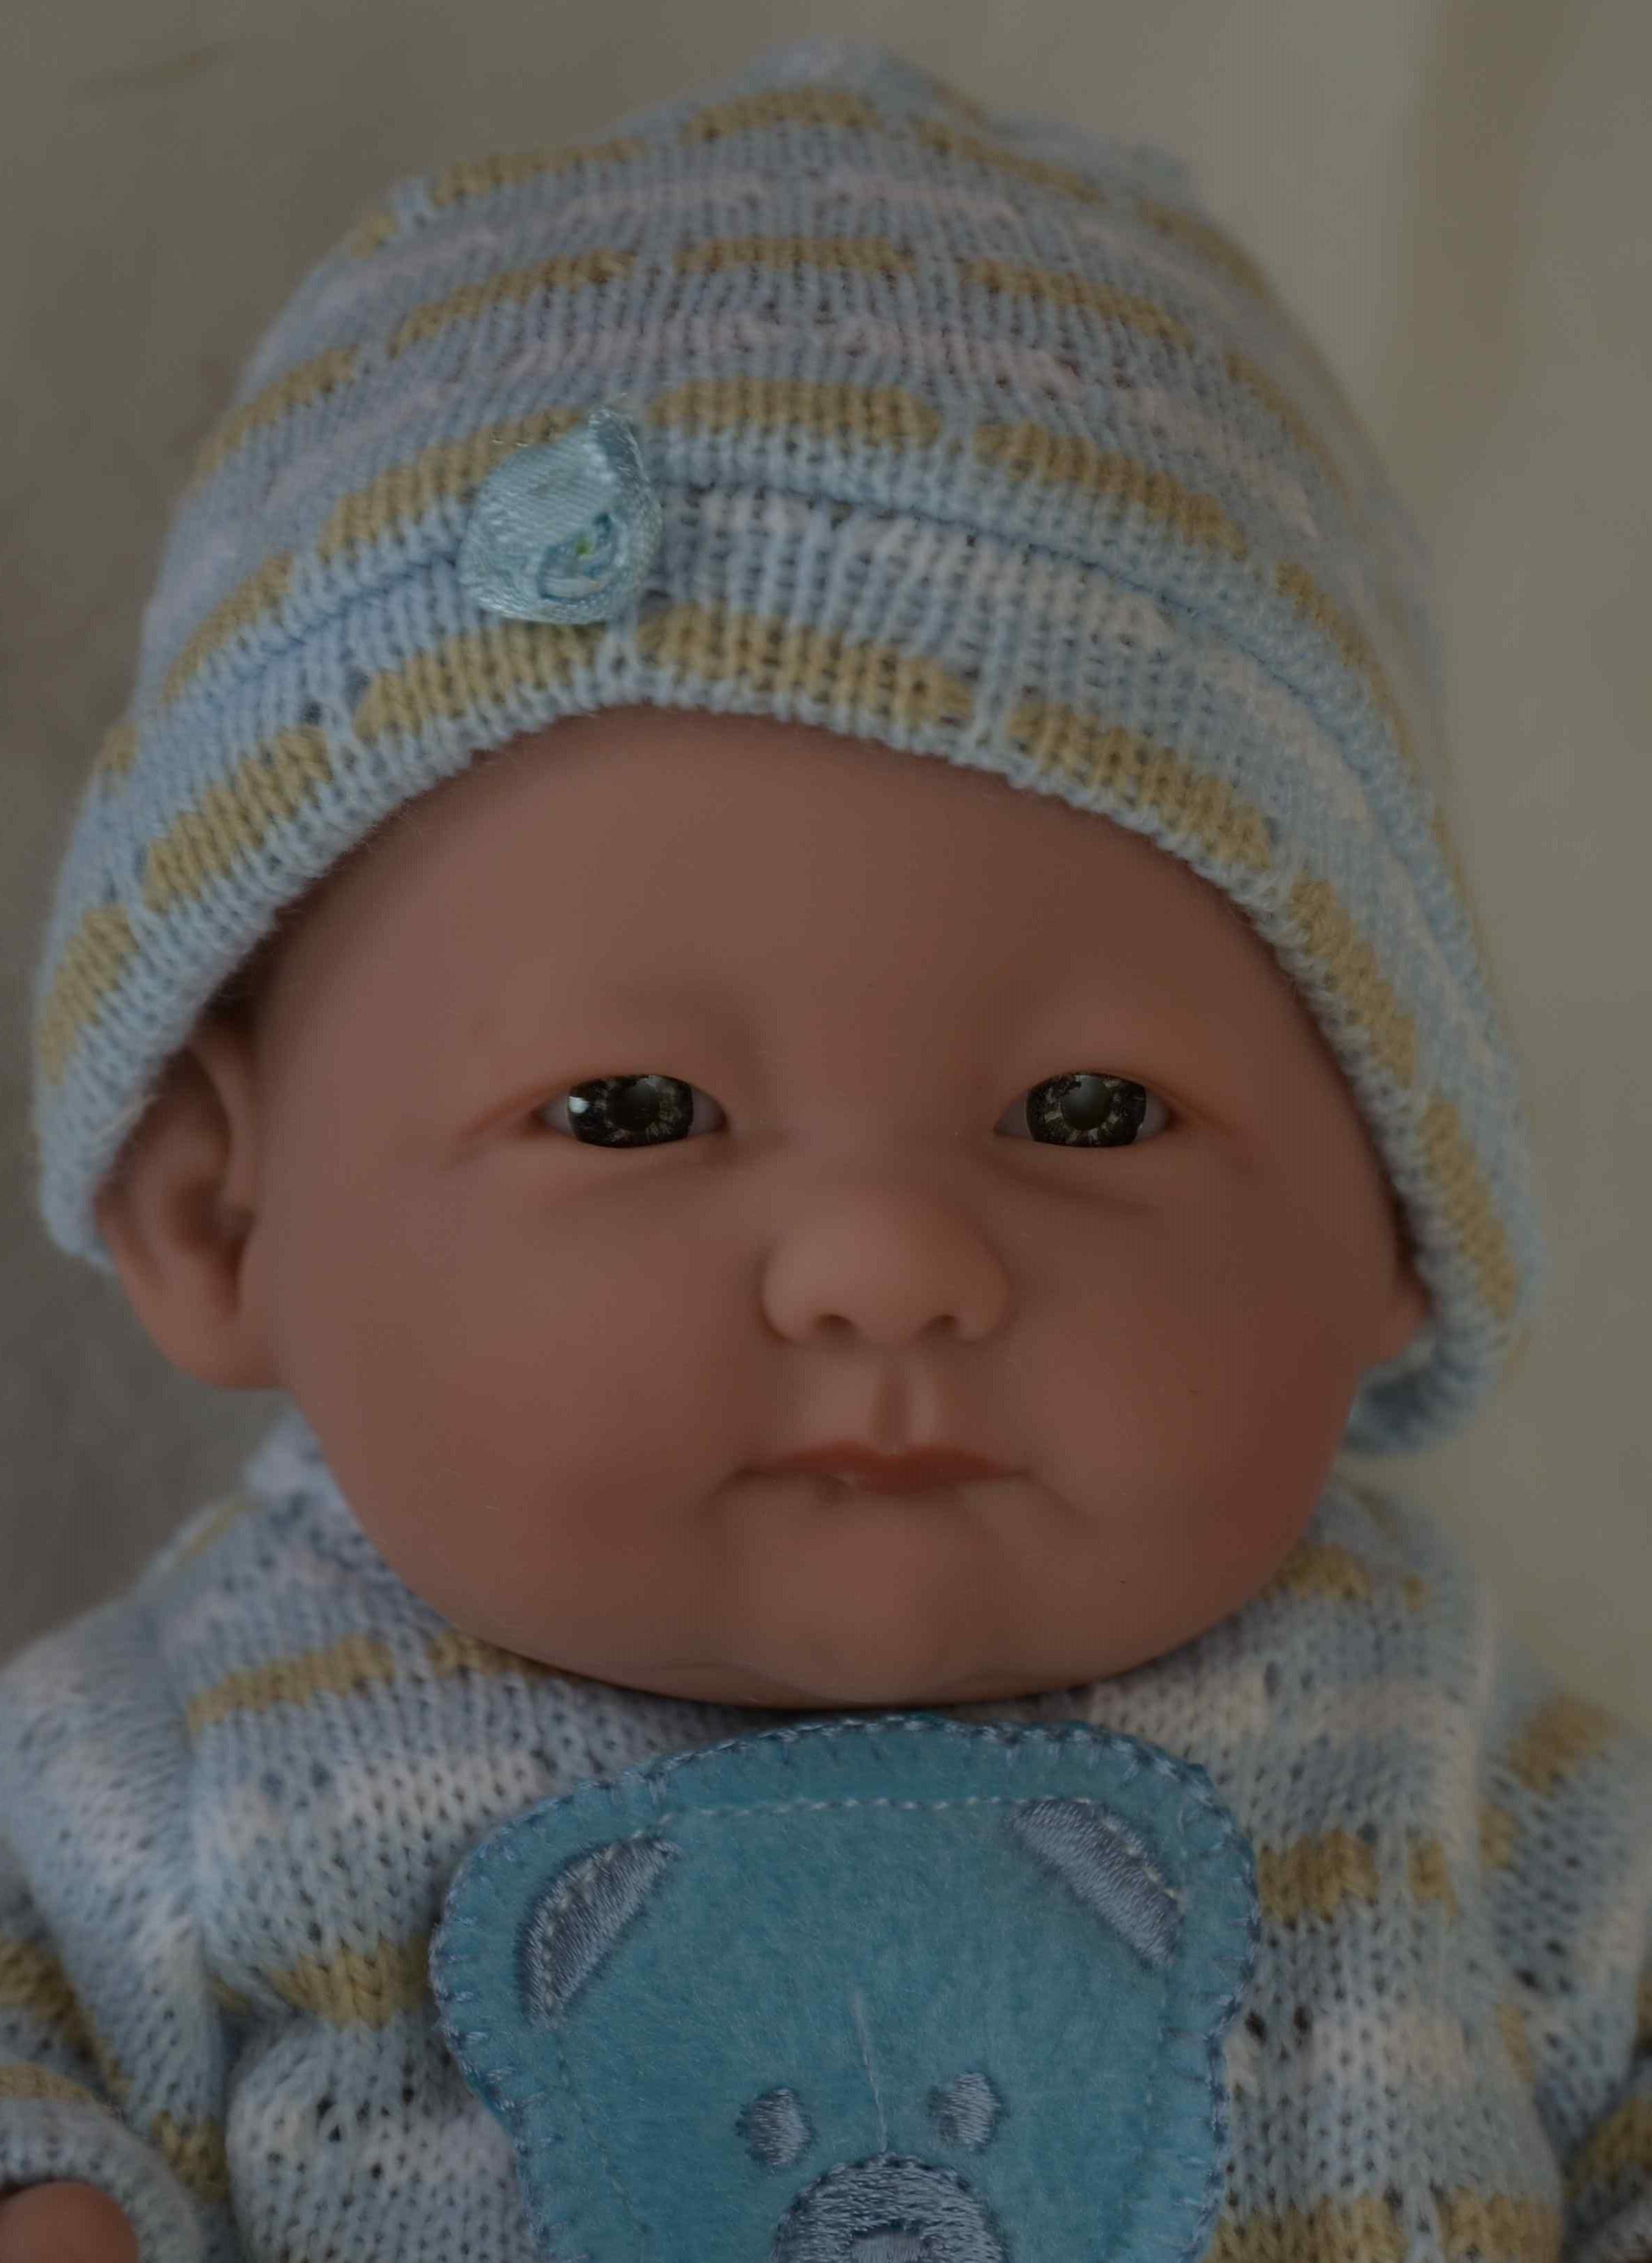 Realistická panenka chlapeček Aleš od firmy Guca ze Španělska (Doprava od 35 Kč)